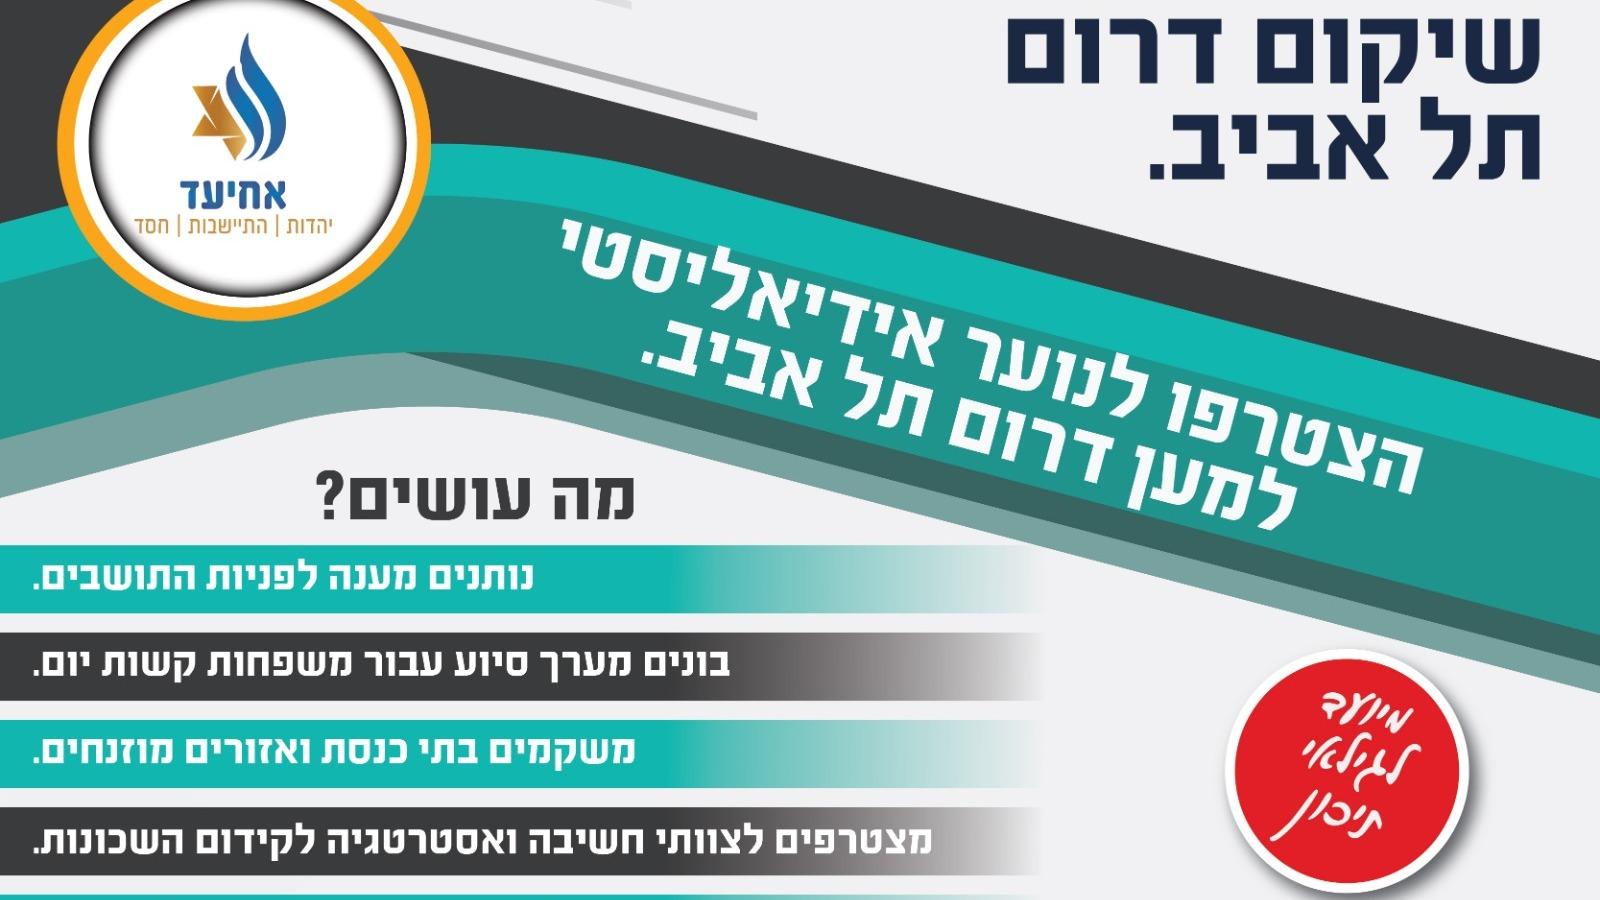 עמותת אחיעד מציגה: האתגר הציוני הבא – שיקום בדרום תל אביב